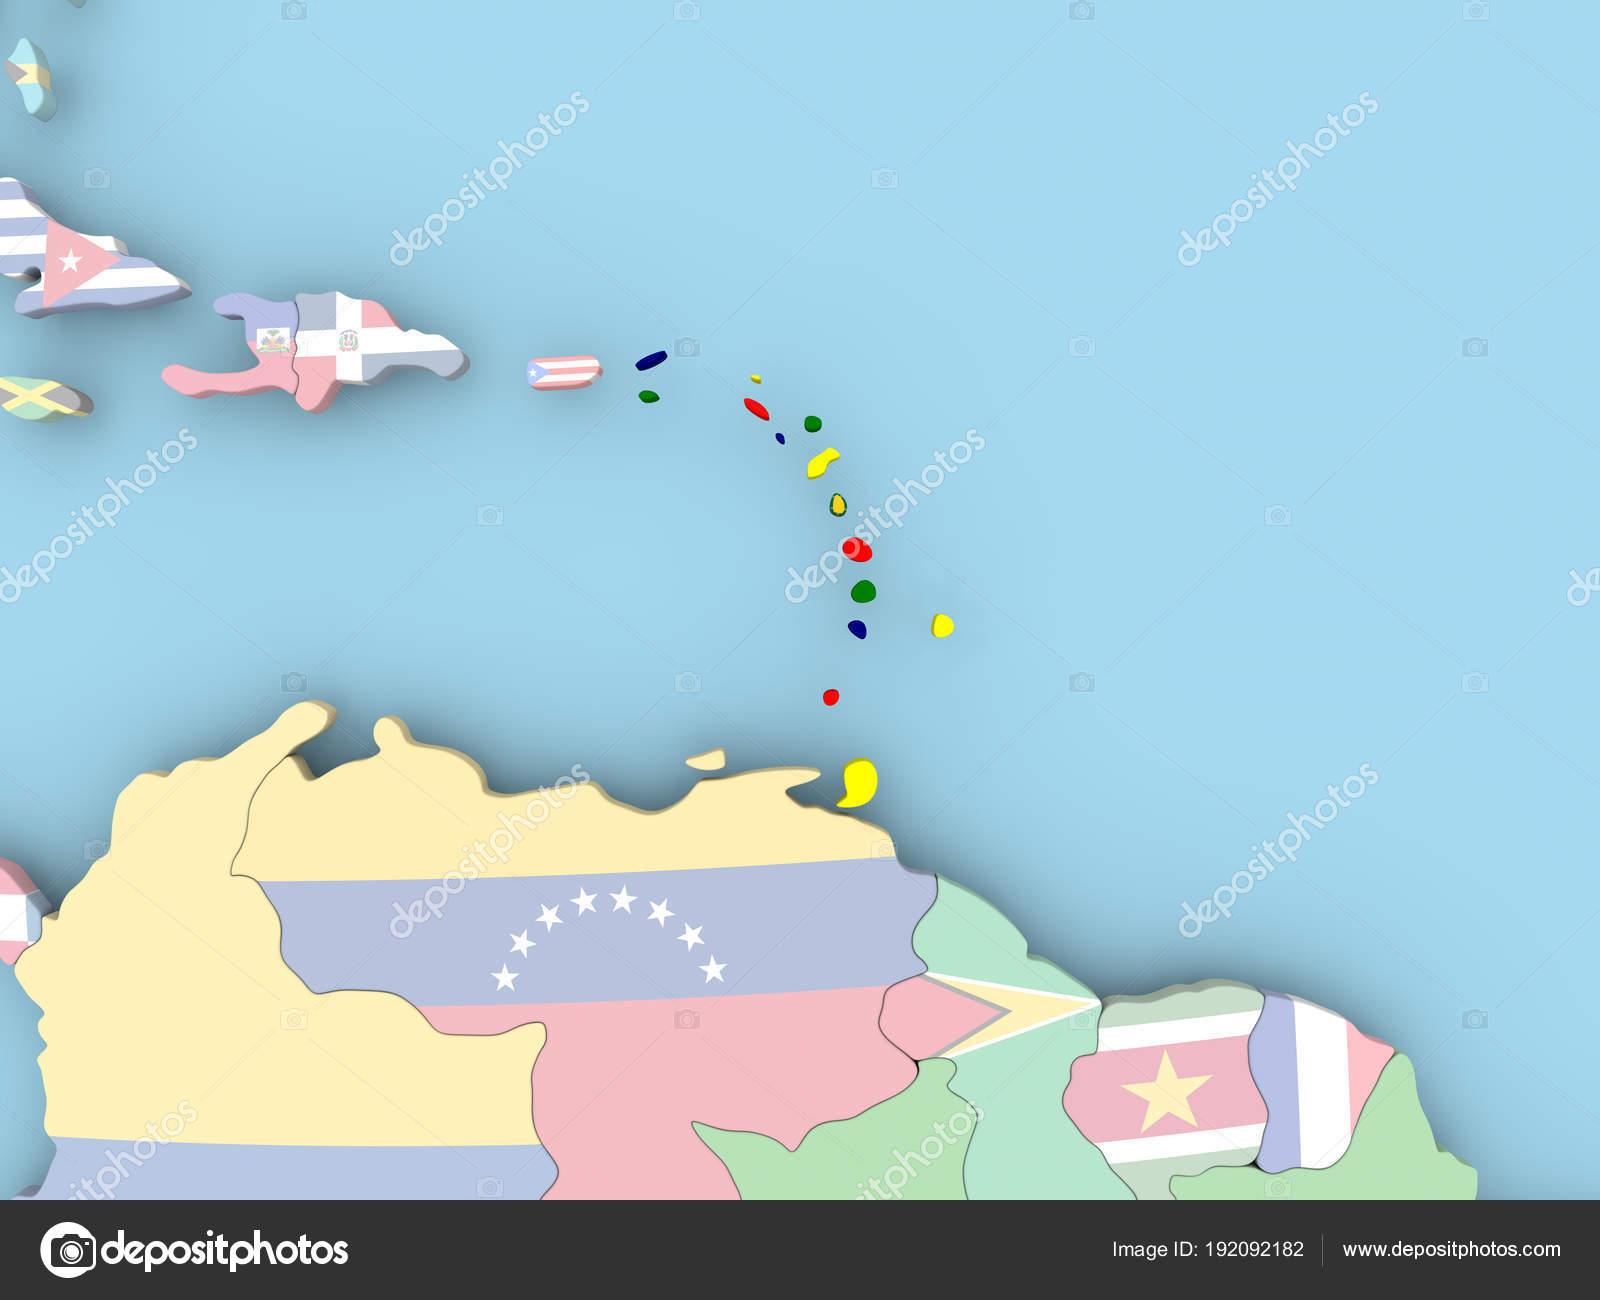 Karibik Karte Welt.Karte Der Karibik Mit Flagge Auf Der Ganzen Welt Stockfoto Tom